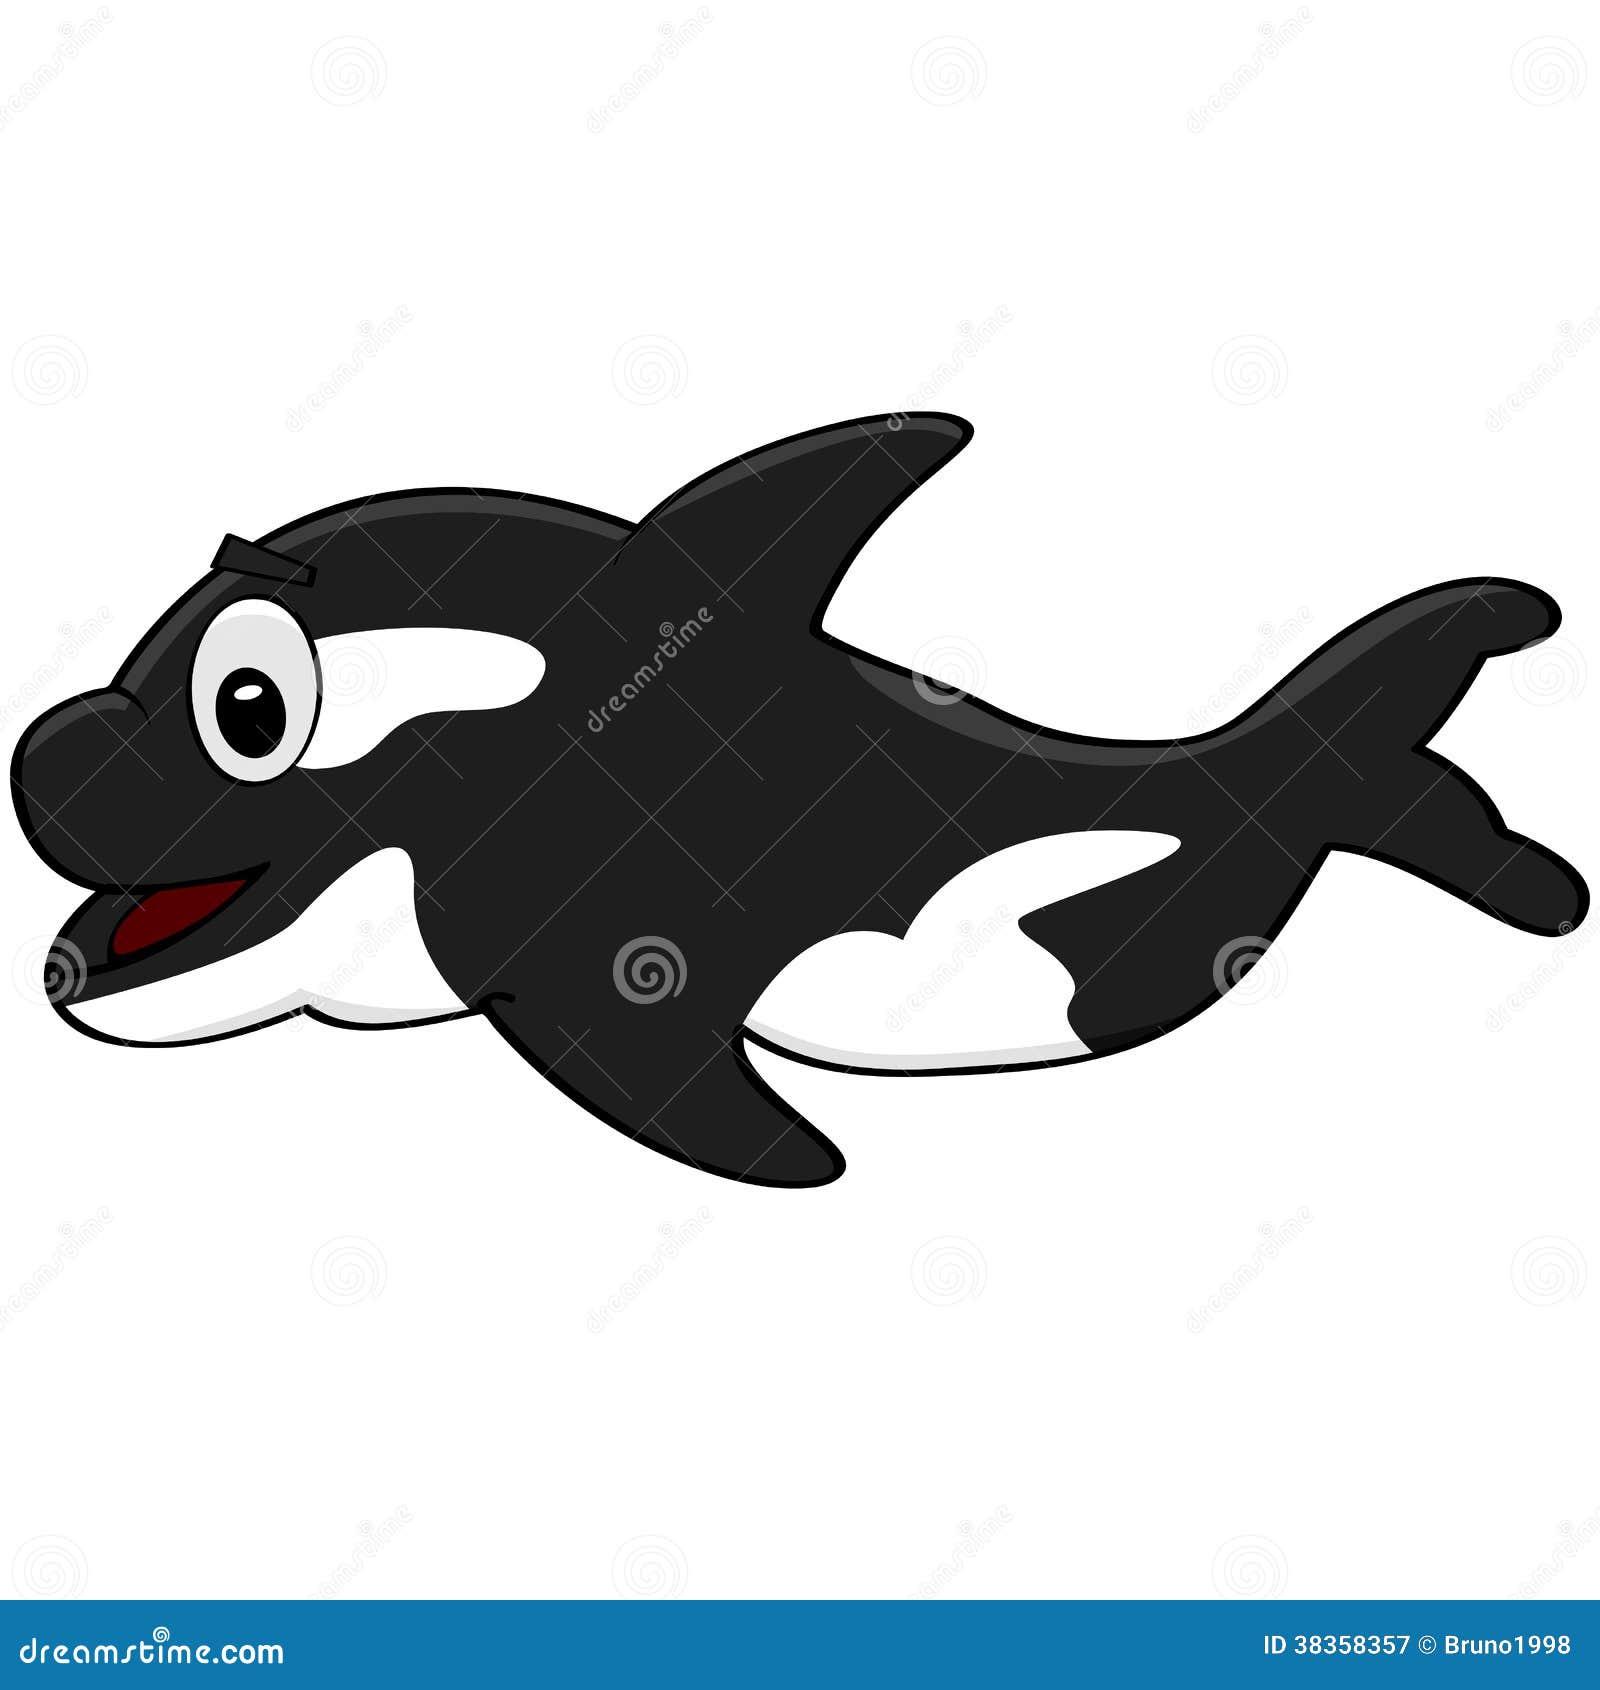 cartoon-killer-... Orca Whale Cartoon